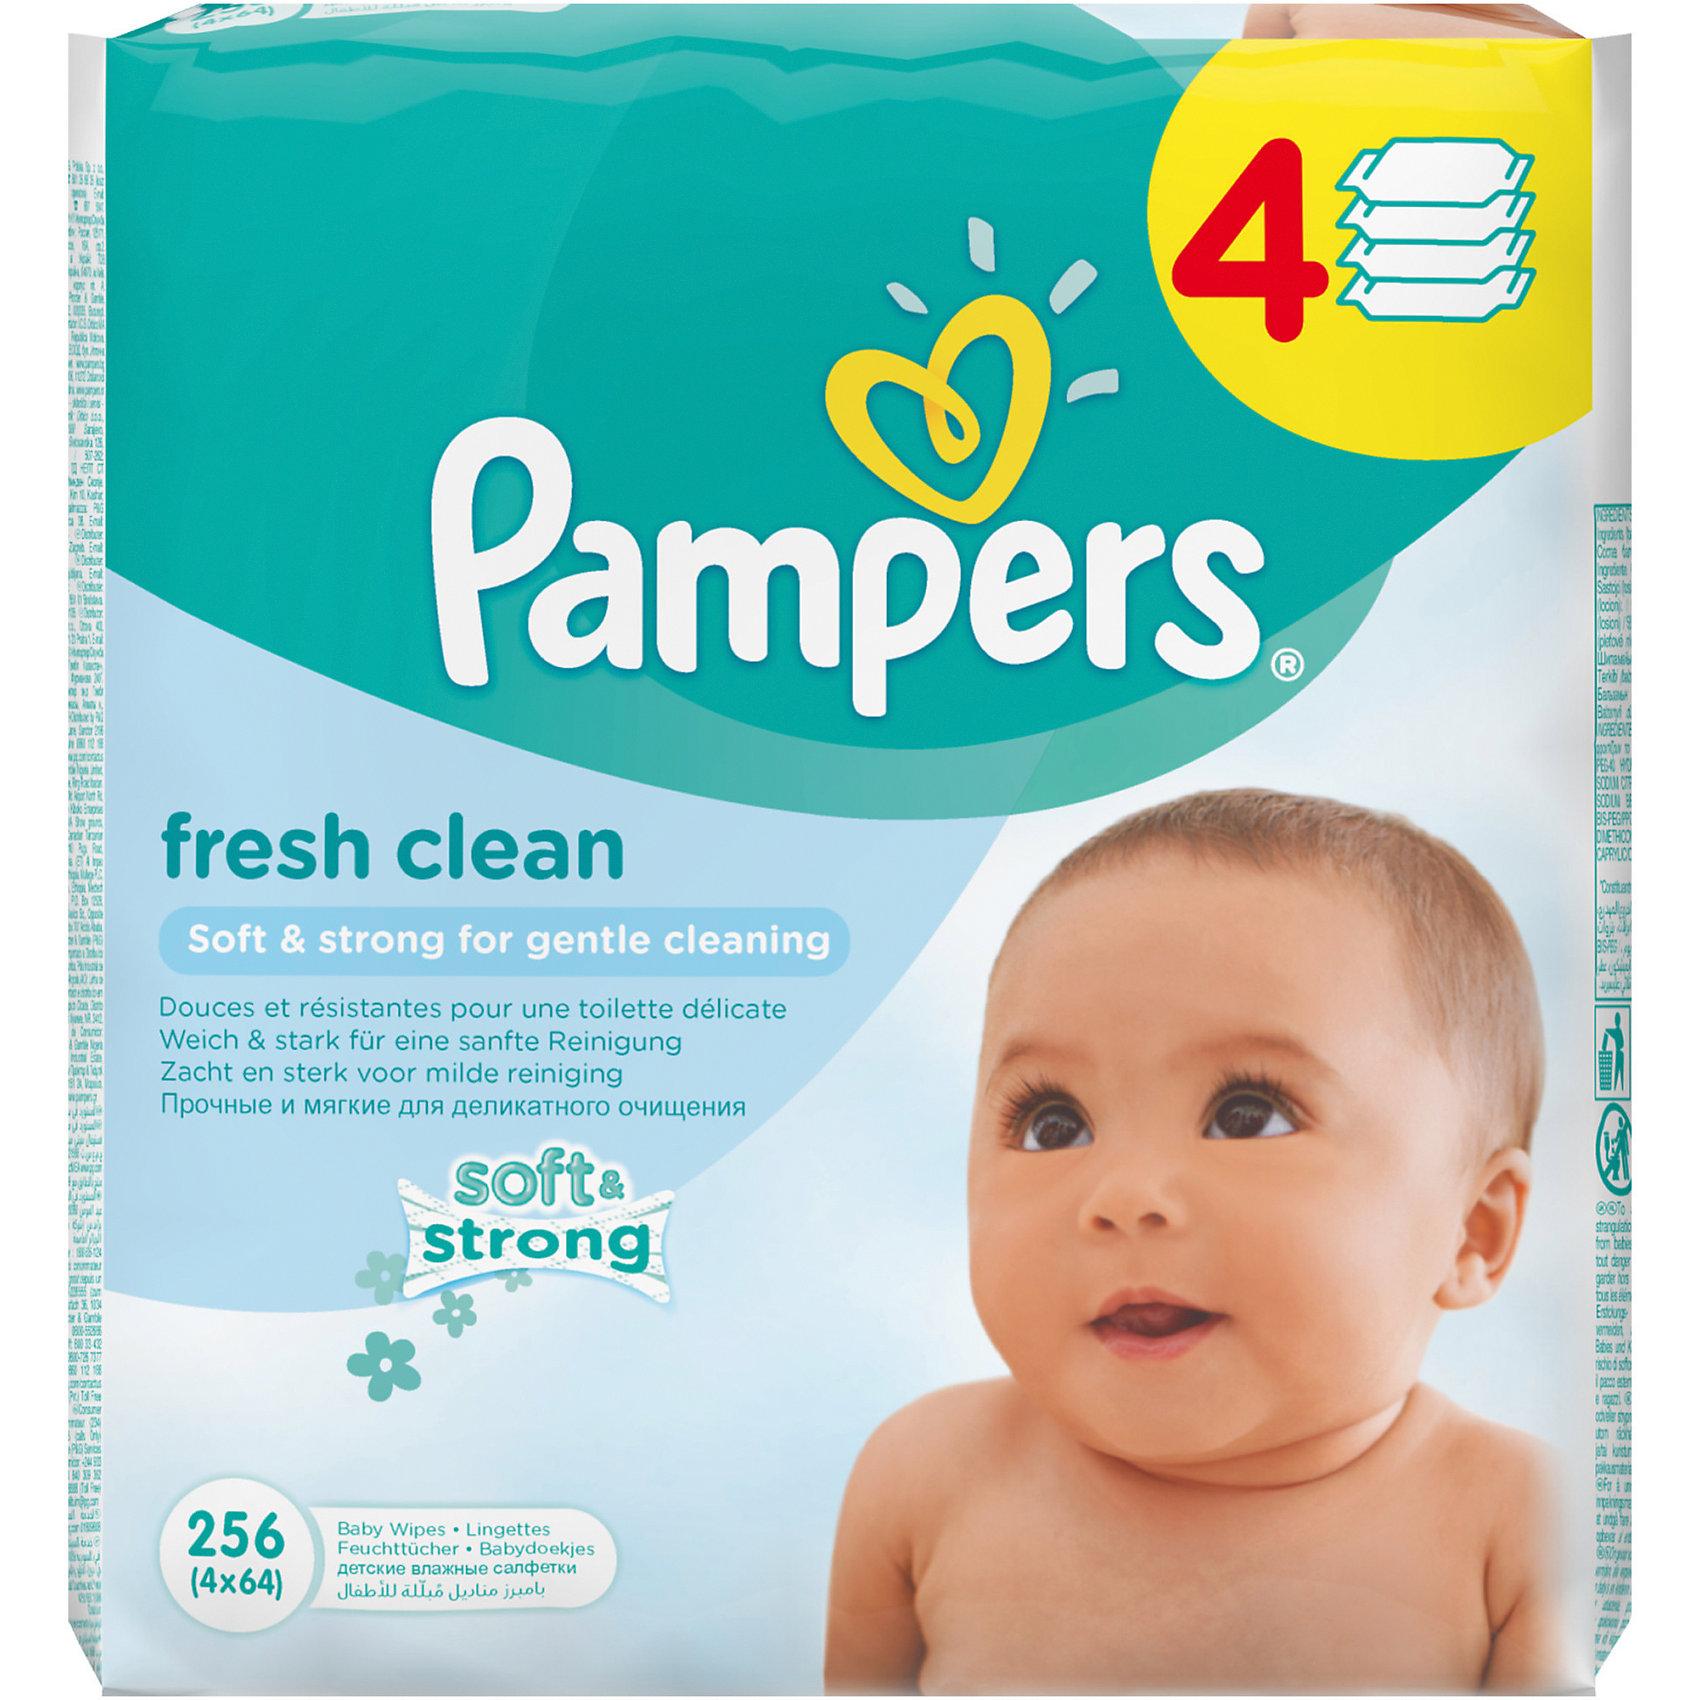 Салфетки детские влажные Pampers  Baby Fresh Clean,  256 шт., PampersВлажные салфетки<br>Характеристики:<br><br>• Пол: универсальный<br>• Тип салфеток: одноразовые<br>• Вид салфеток: влажные<br>• Коллекция: Baby Fresh Clean<br>• Предназначение: для гигиены<br>• Количество в упаковке: 256 шт.<br>• Материал салфеток: 100% целлюлоза<br>• Упаковка: полиэтиленовая упаковка с клапаном многоразового использования<br>• Размер упаковки: 18,5*9,1*9,8 см<br>• Вес в упаковке: 1 кг 562 г<br>• Поддерживает естественный ph уровень<br>• Мягкий верхний слой SoftGrip<br>• Дополнительное увлажнение<br>• Прошли дерматологические тестирования<br><br>Салфетки детские влажные Pampers Baby Fresh Clean, 256 шт., Pampers – это линейка детских гигиенических салфеток от Pampers, предназначенных для ухода за нежной кожей новорожденных и младенцев. Салфетки выполнены из 100% целлюлозы, имеют мягкий верхний слой SoftGrip, который не раздражает кожу ребенка во время процедур, при этом хорошо удерживает влагу. <br><br>Изделия пропитаны лосьоном, состоящим из 95% воды и 5% экстракта натуральных масел, что делает эти салфетки гипоаллергенными. Благодаря своему составу салфетки можно использовать для чувствительной кожи. Салфетки упакованы в полиэтиленовую упаковку и защитным клапаном, что обеспечивает длительное сохранение их очищающих свойств и защищает от высыхания.<br><br>Салфетки детские влажные Pampers Baby Fresh Clean, 256 шт., Pampers можно купить в нашем интернет-магазине.<br><br>Ширина мм: 177<br>Глубина мм: 90<br>Высота мм: 196<br>Вес г: 1562<br>Возраст от месяцев: 0<br>Возраст до месяцев: 36<br>Пол: Унисекс<br>Возраст: Детский<br>SKU: 5419097